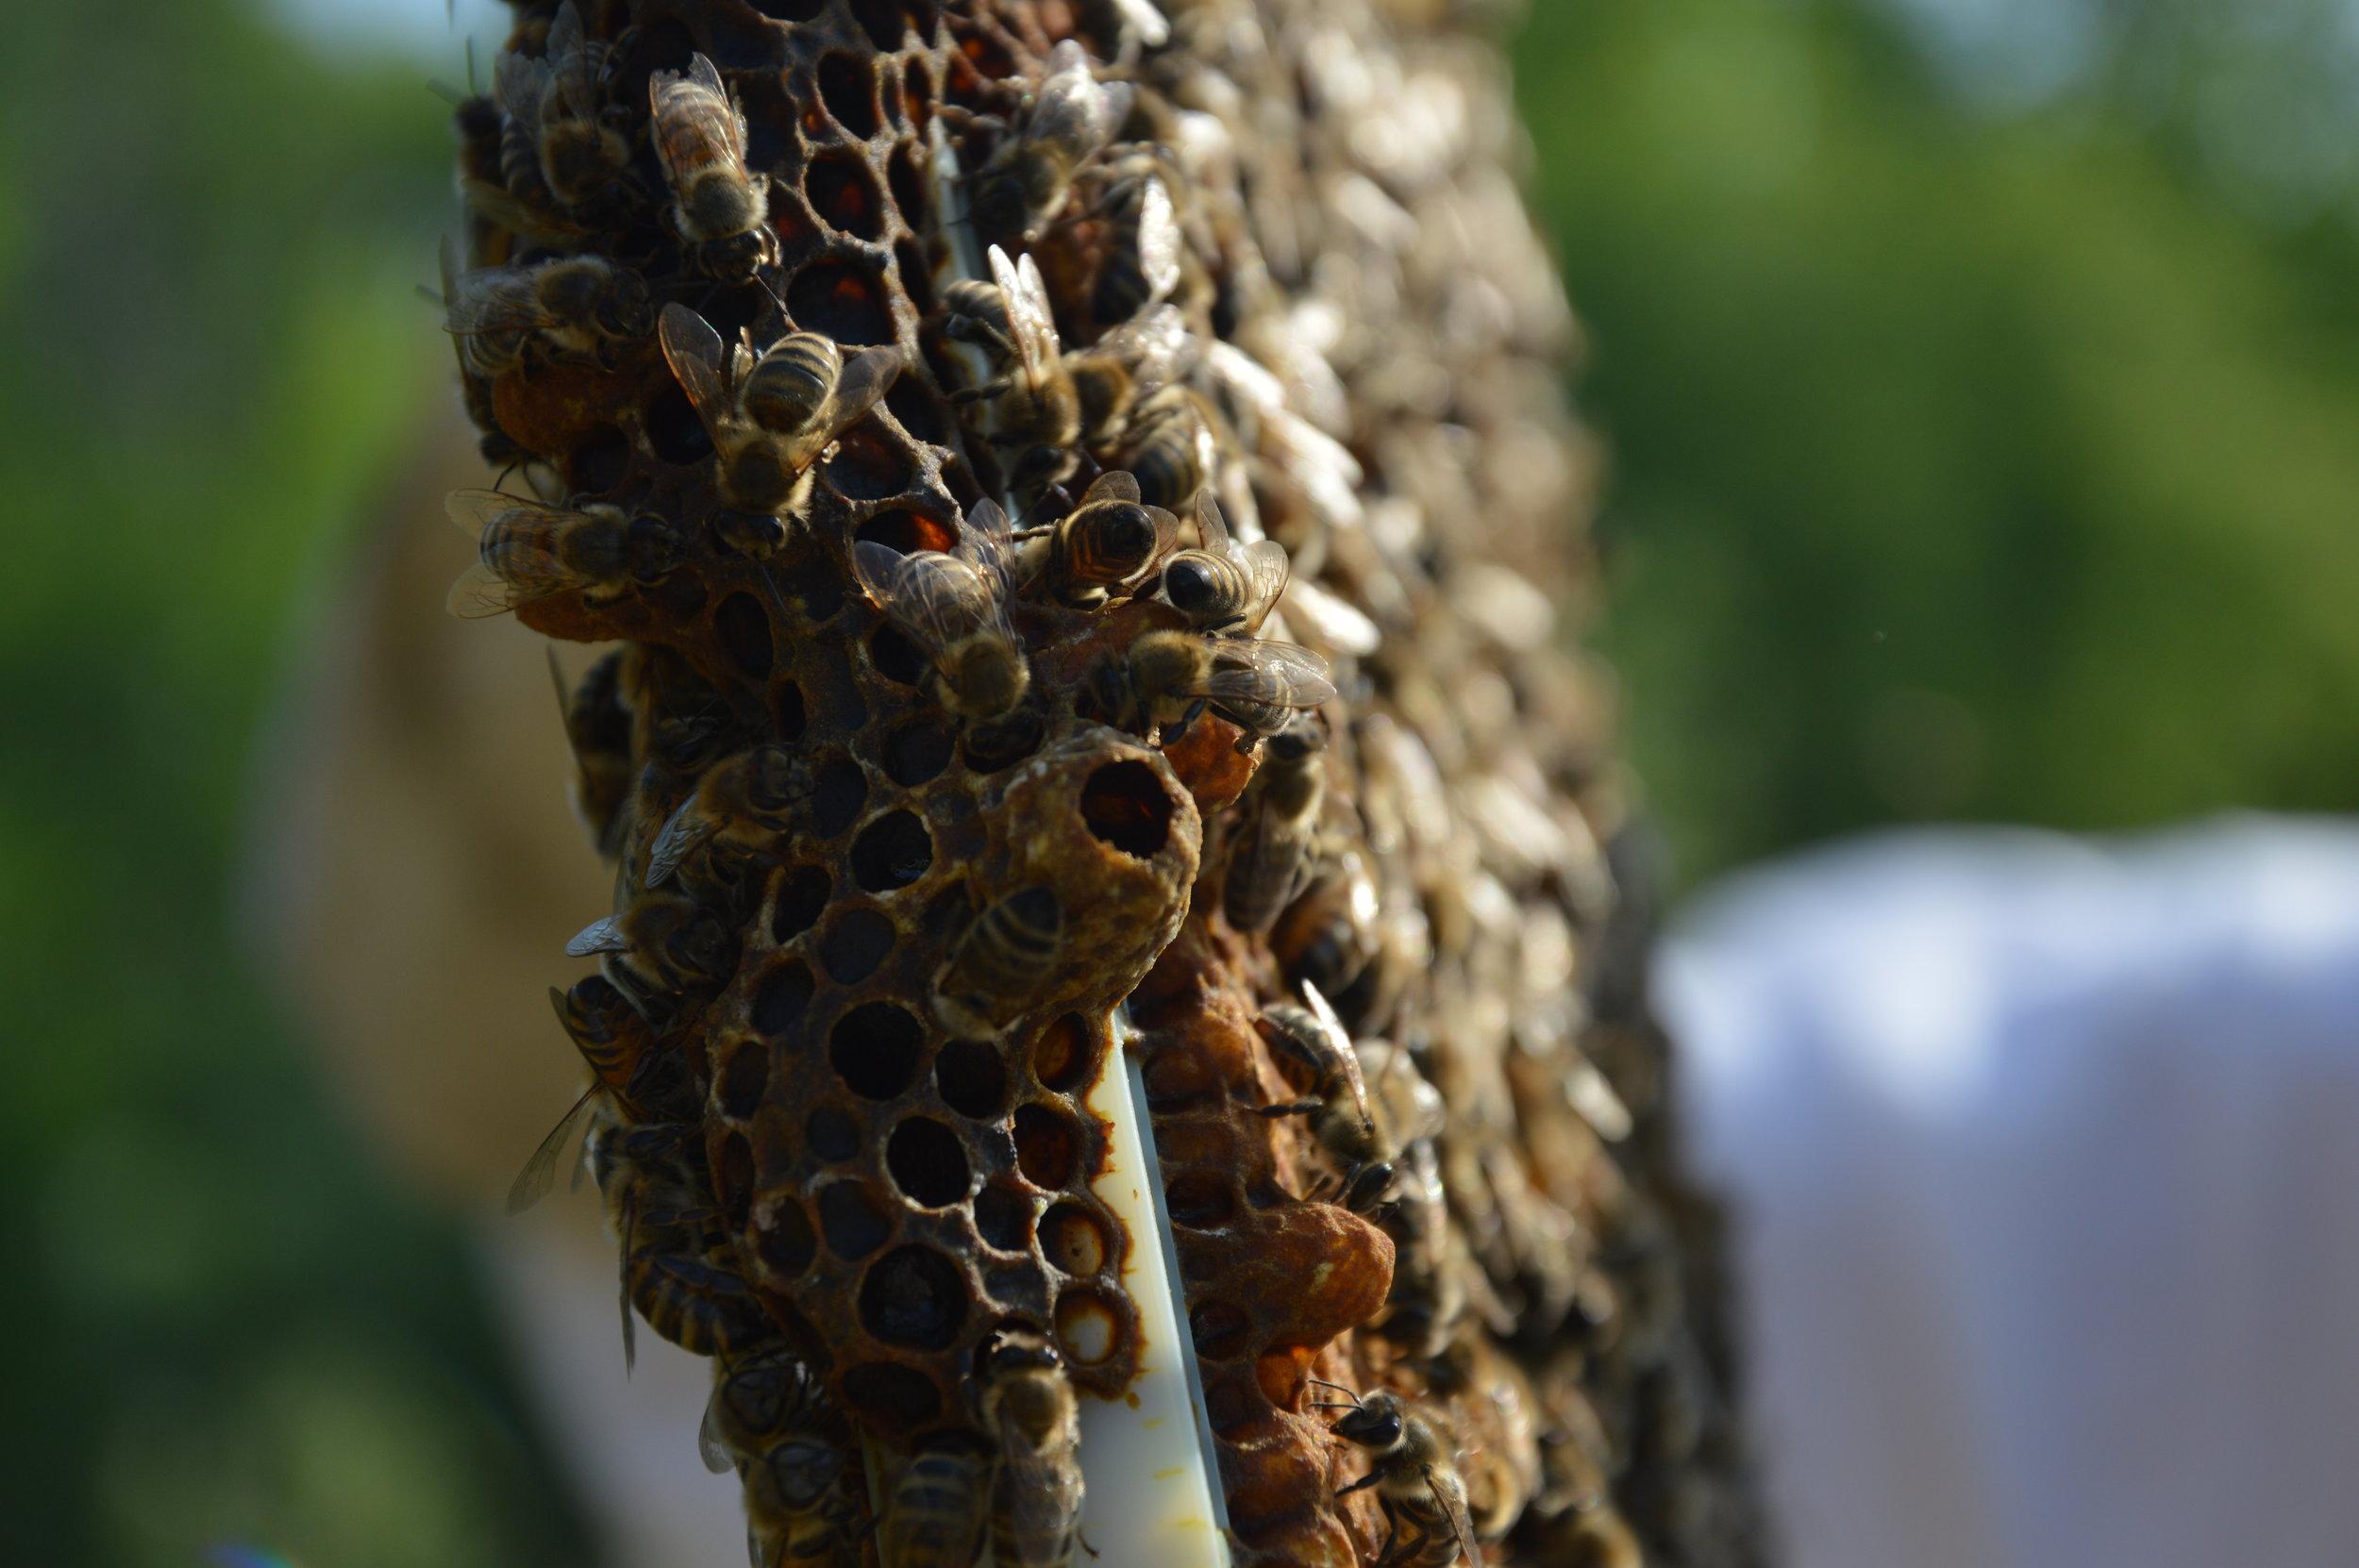 Cadre de ruche, on peut voir au centre de la photo une cellule royale ouverte.